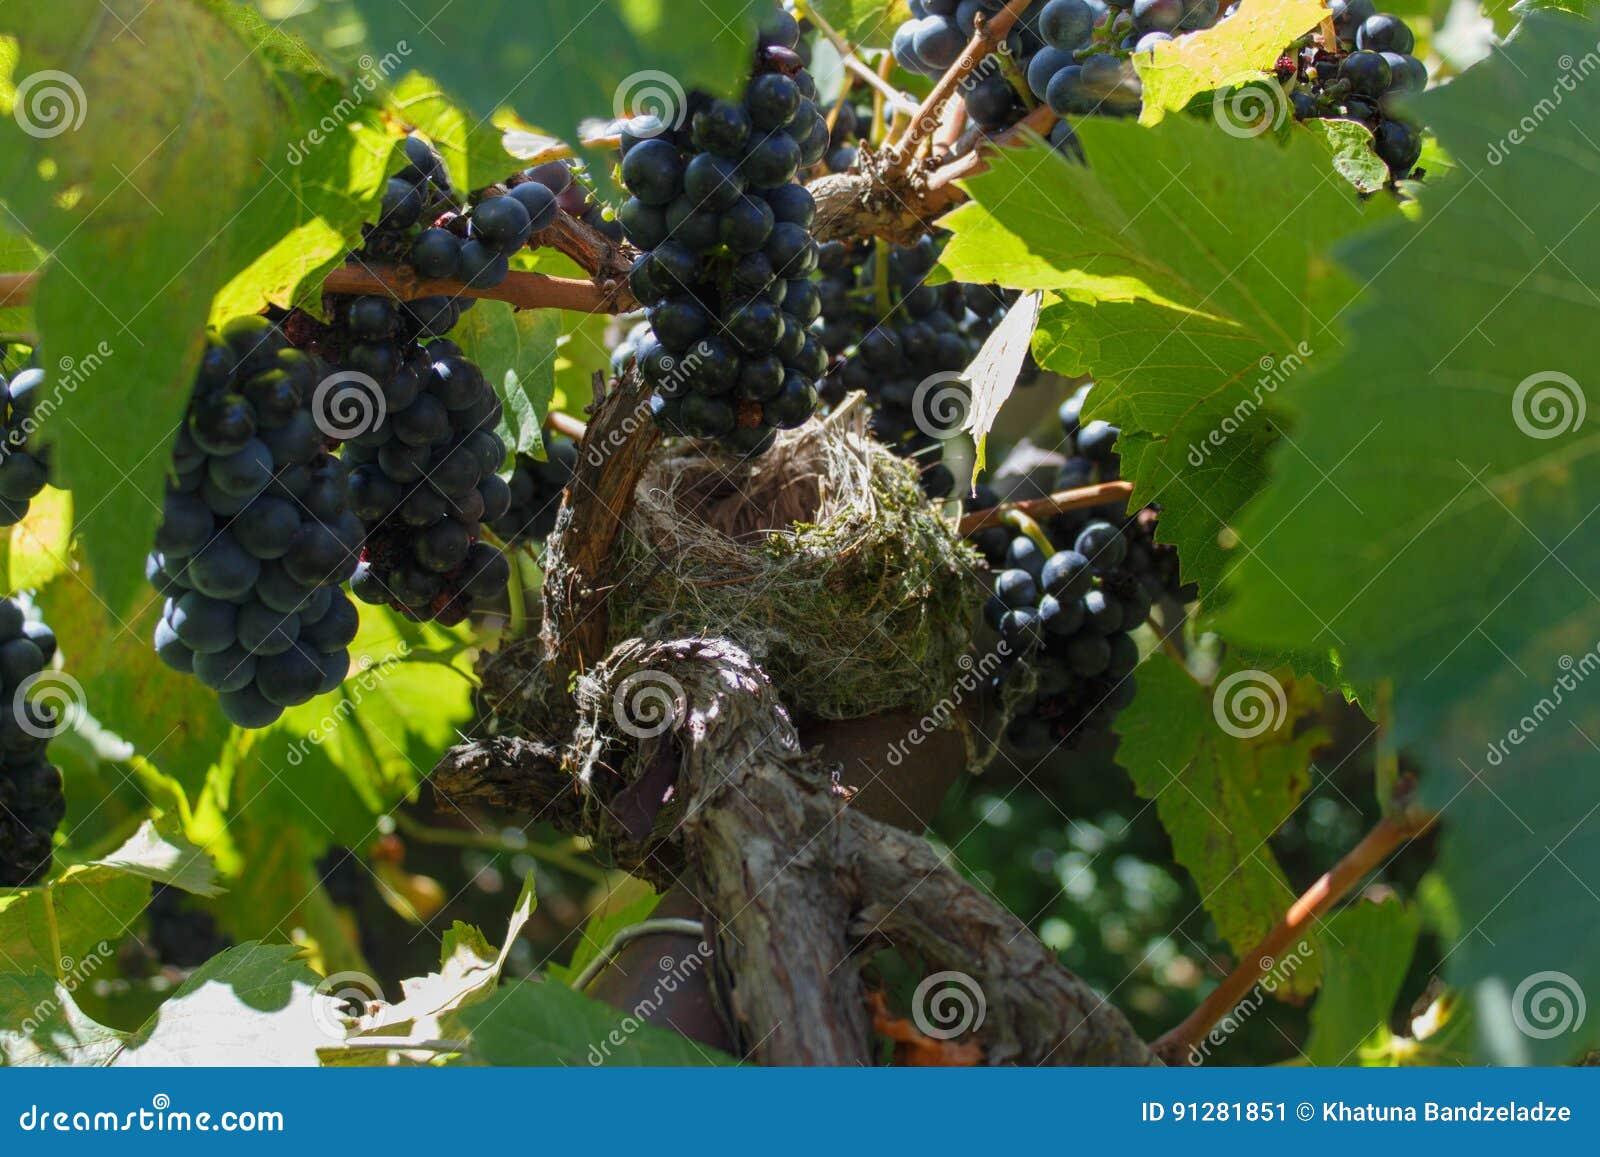 Tomt rede för fågel` s bland svarta druvor och vinranka